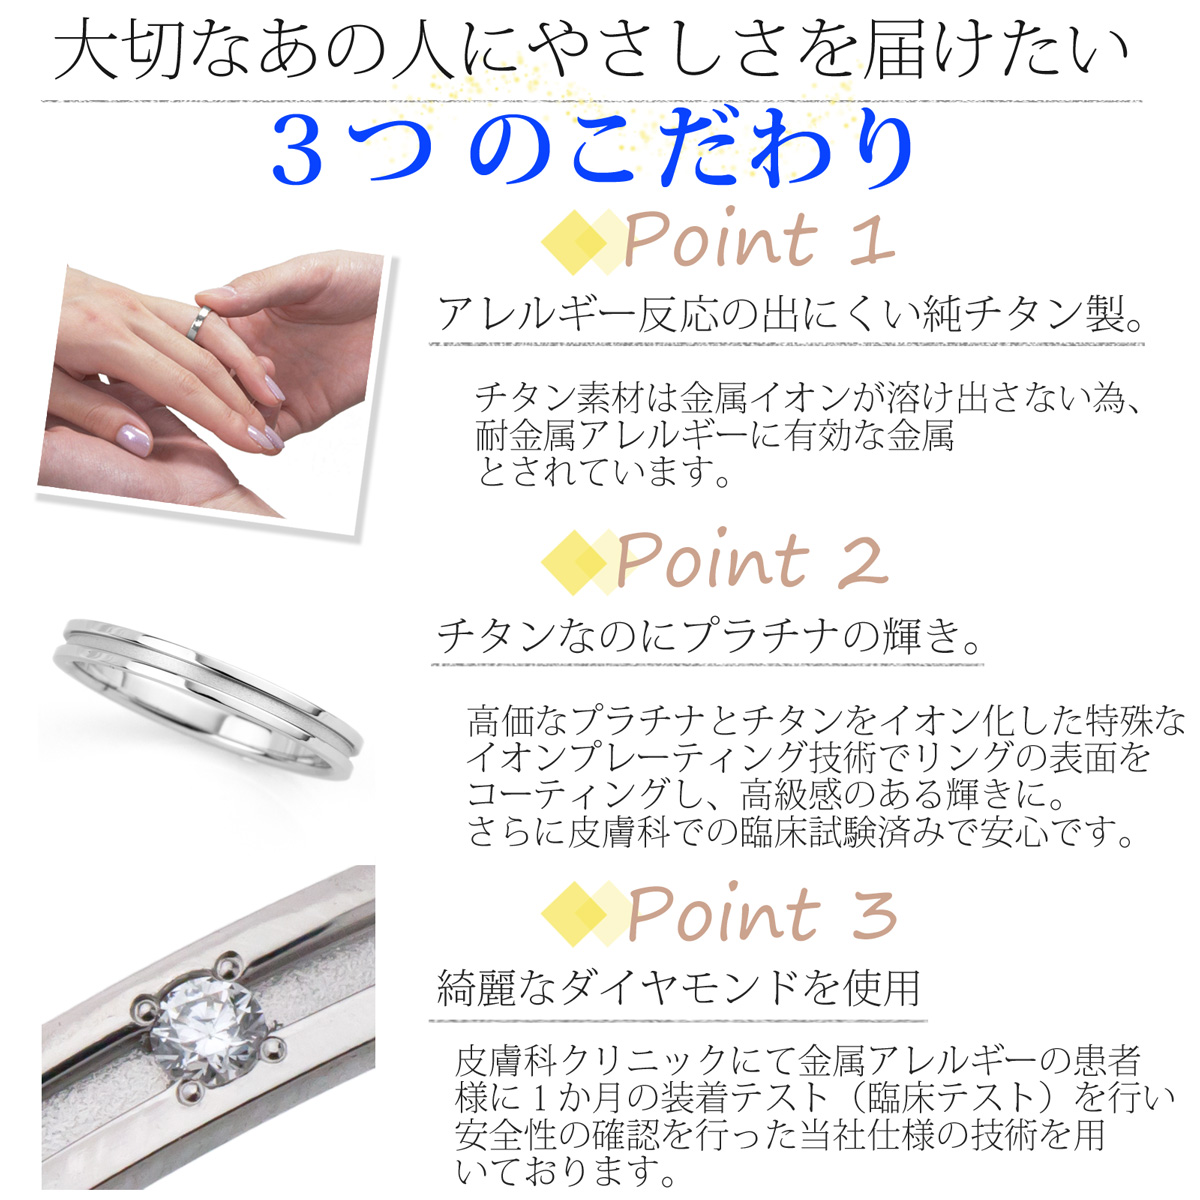 チタン ペアリング 結婚指輪 マリッジリング 日本製  鏡面仕上げ   ダイヤモンド付き ペア GREACIOUS DIAMOND プラチナイオンプレーティング加工商品 金属アレルギー対応 アレルギーフリー 安い